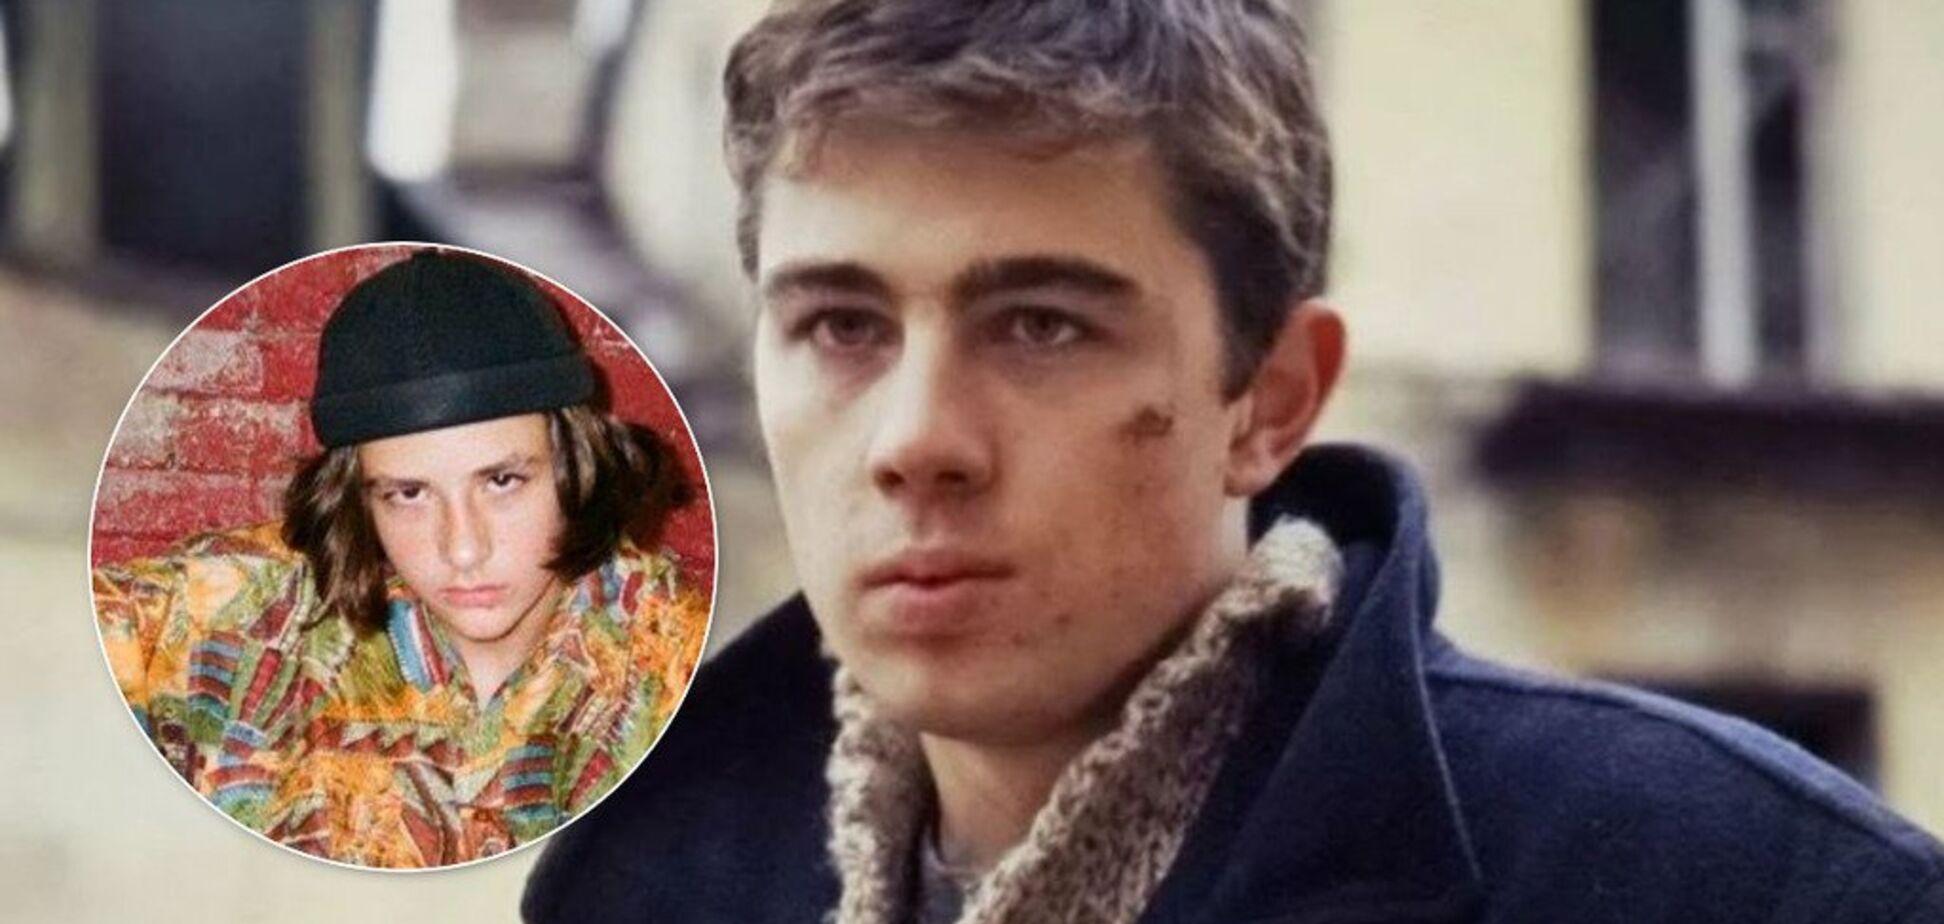 Похож на отца: как сейчас выглядит и чем занимается 17-летний сын Сергея Бодрова